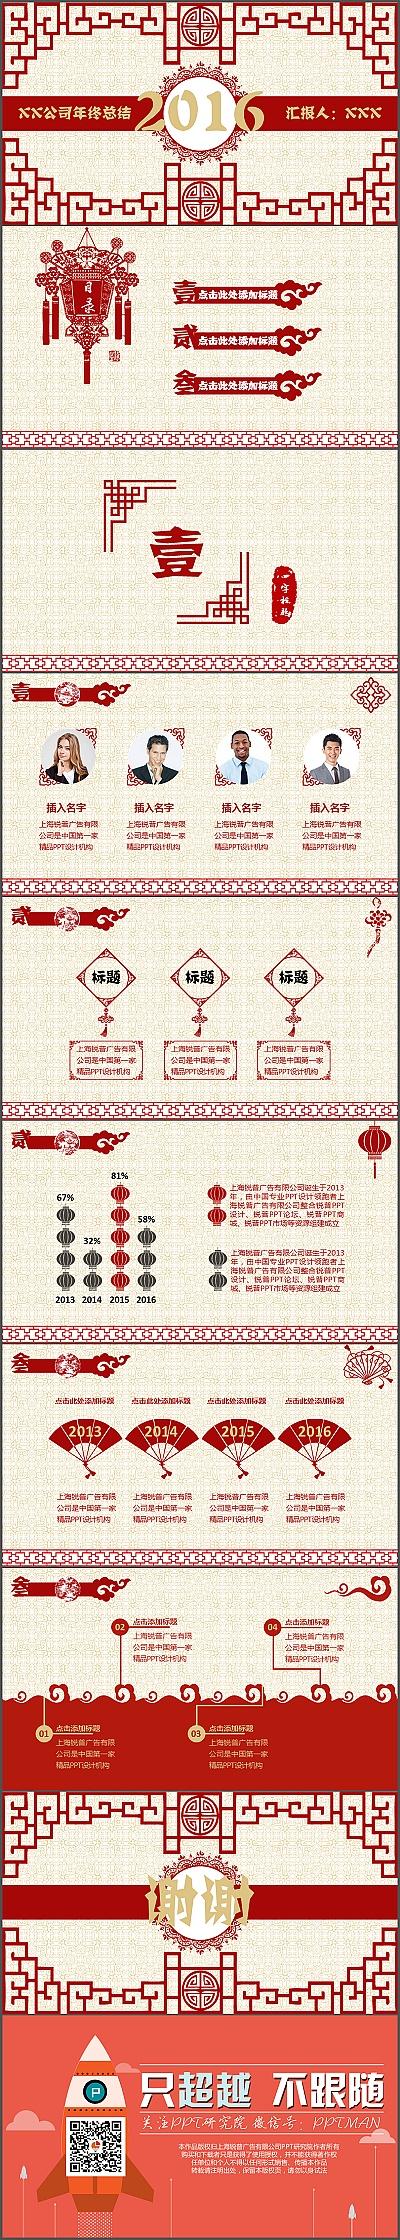 中国风创意年终汇报,主要元素有剪纸,印章,古扇,灯笼等中国传统物件